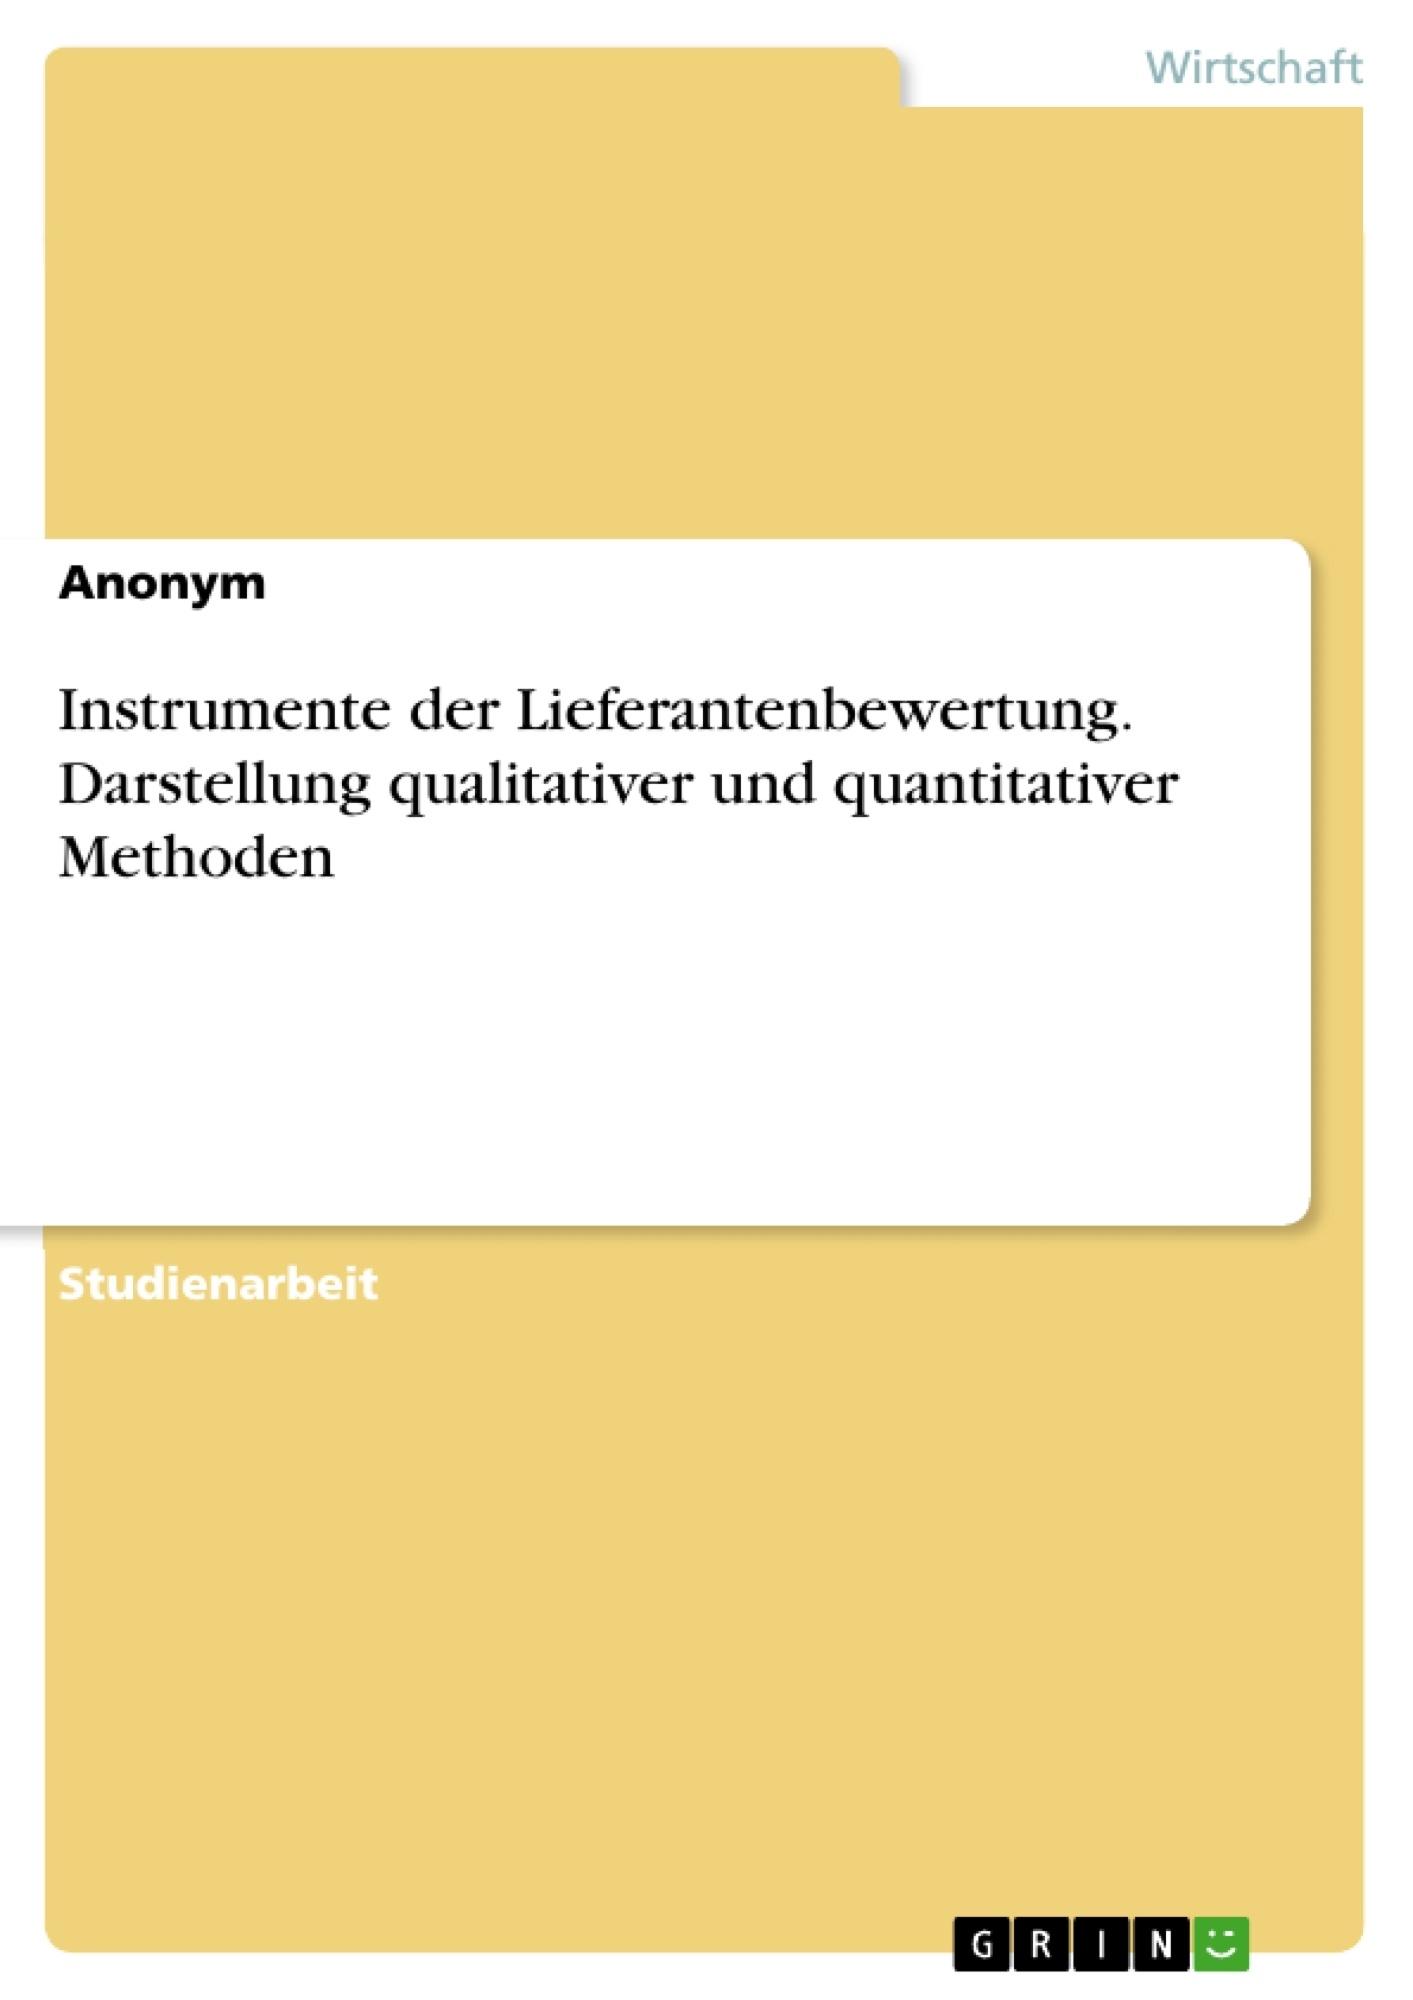 Titel: Instrumente der Lieferantenbewertung. Darstellung qualitativer und quantitativer Methoden